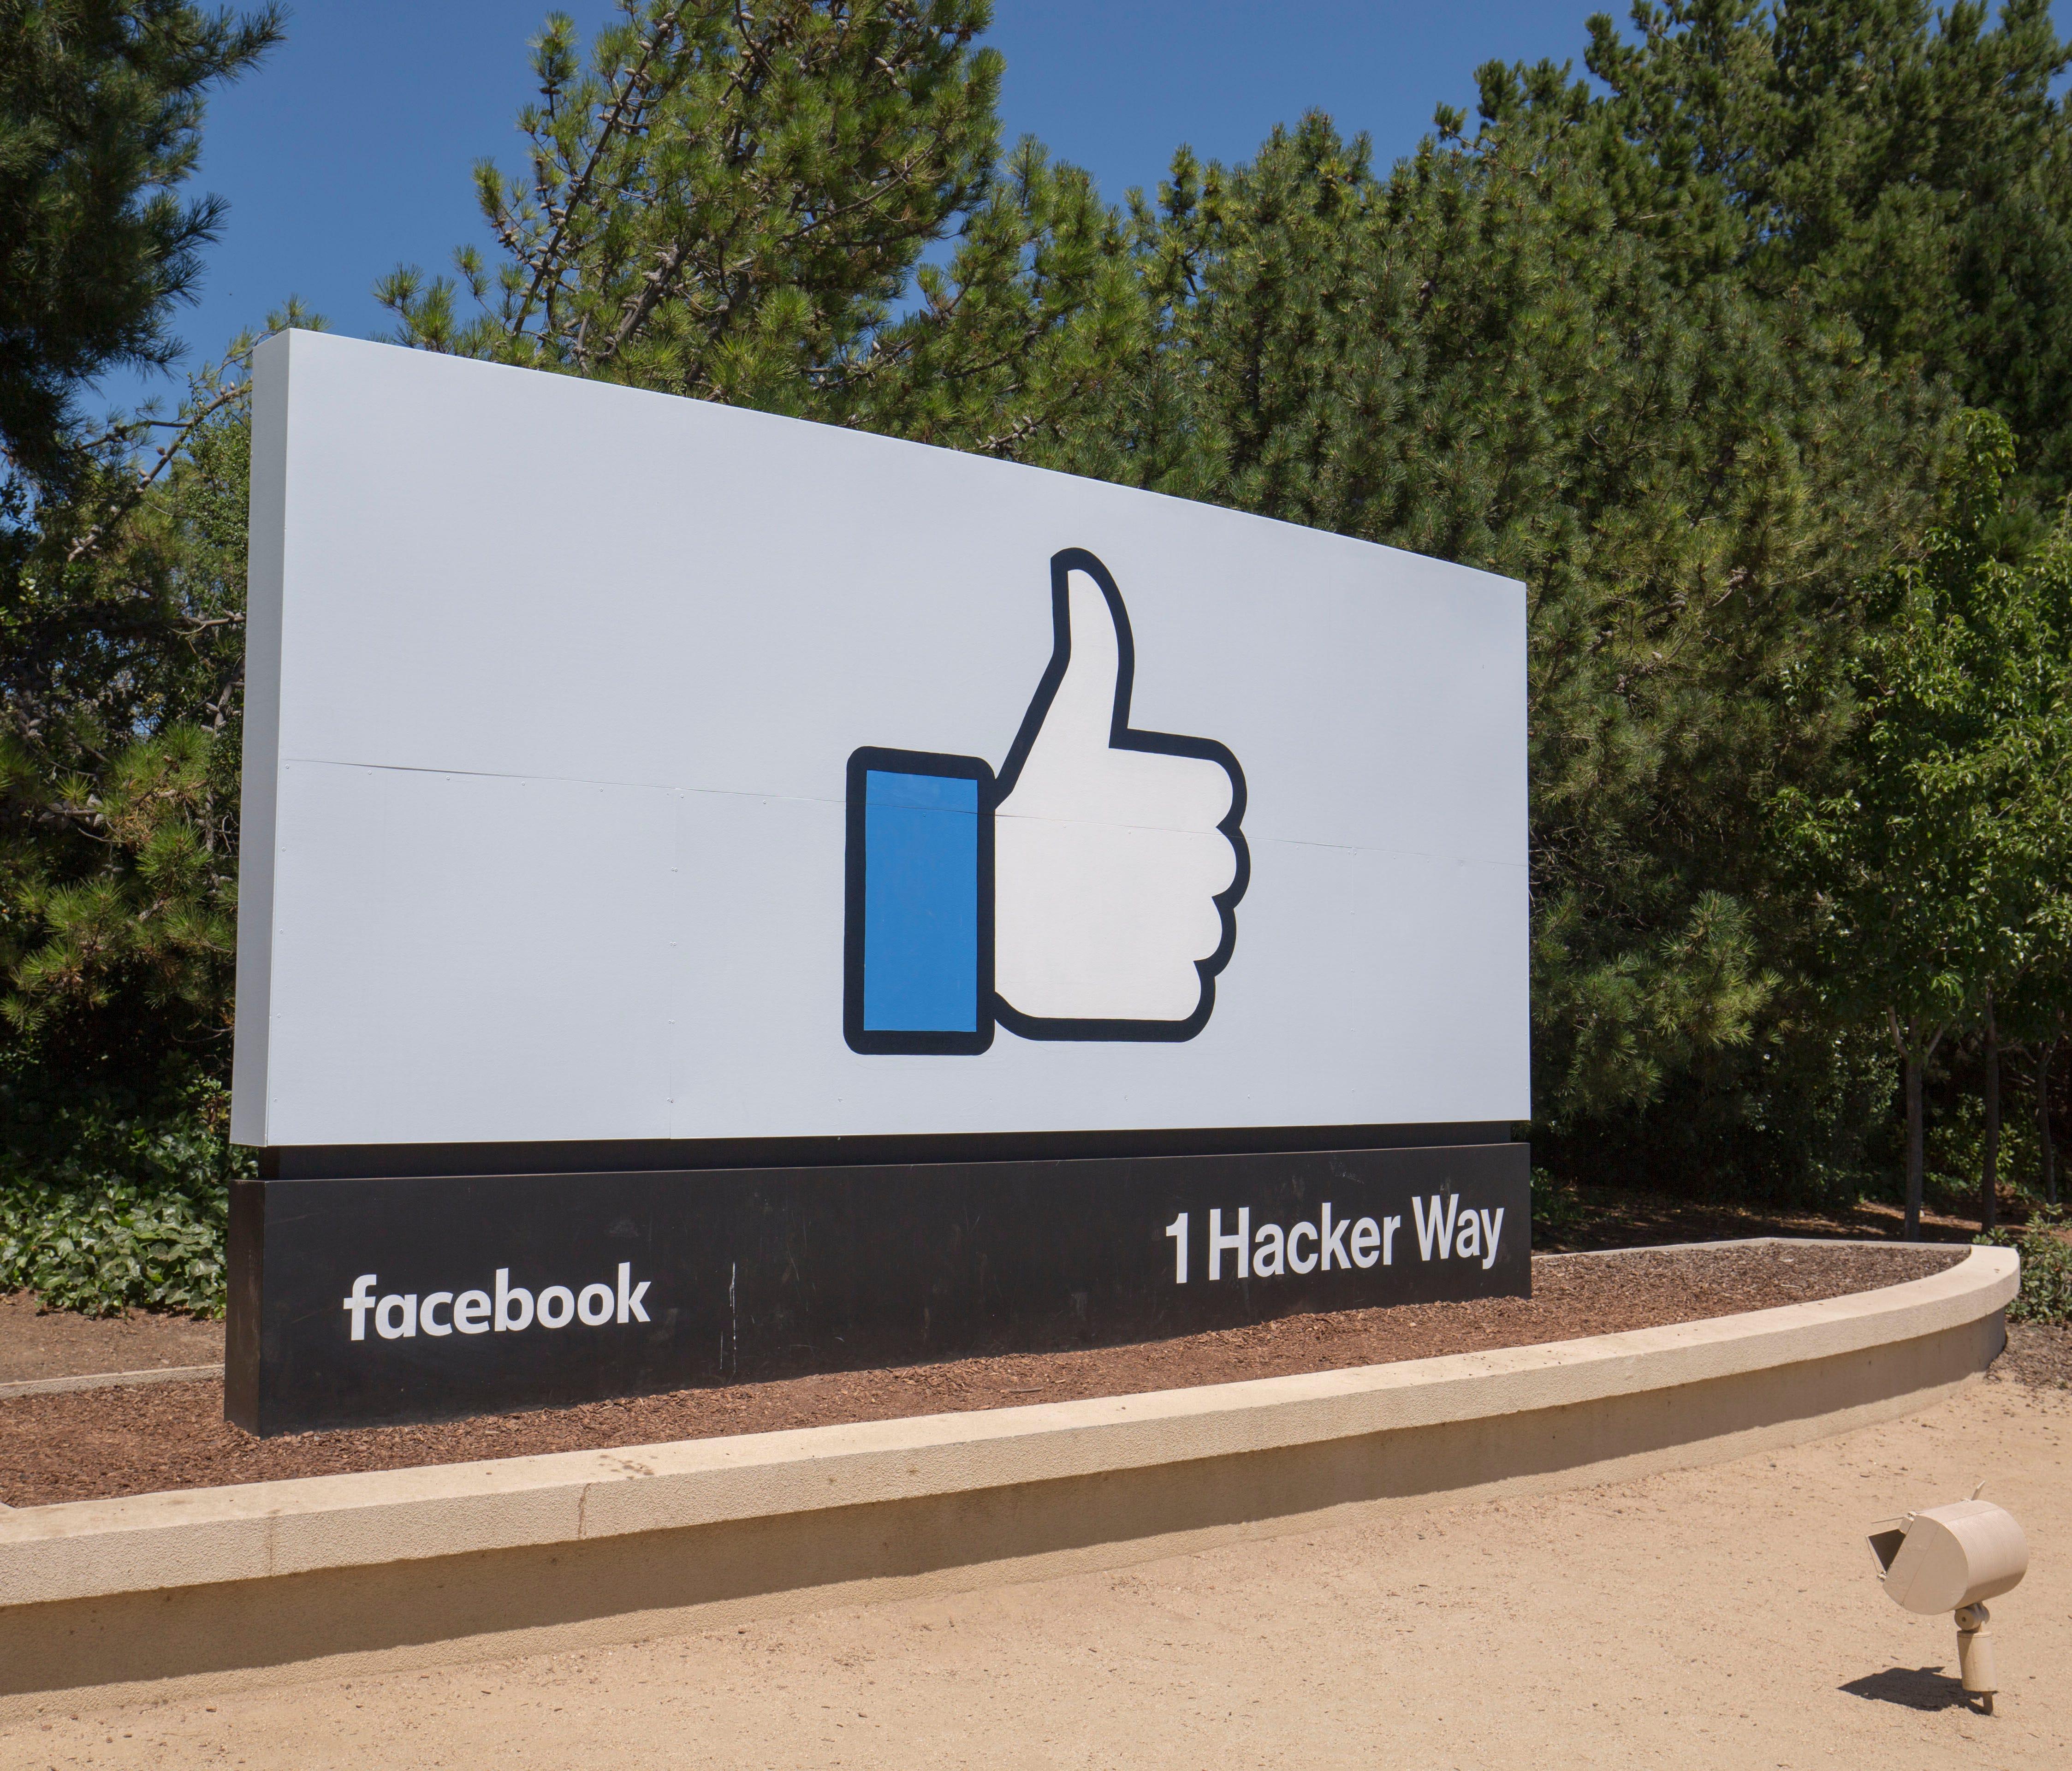 Facebook headquarters logo in Menlo Park, Calif. on June 16, 2017.